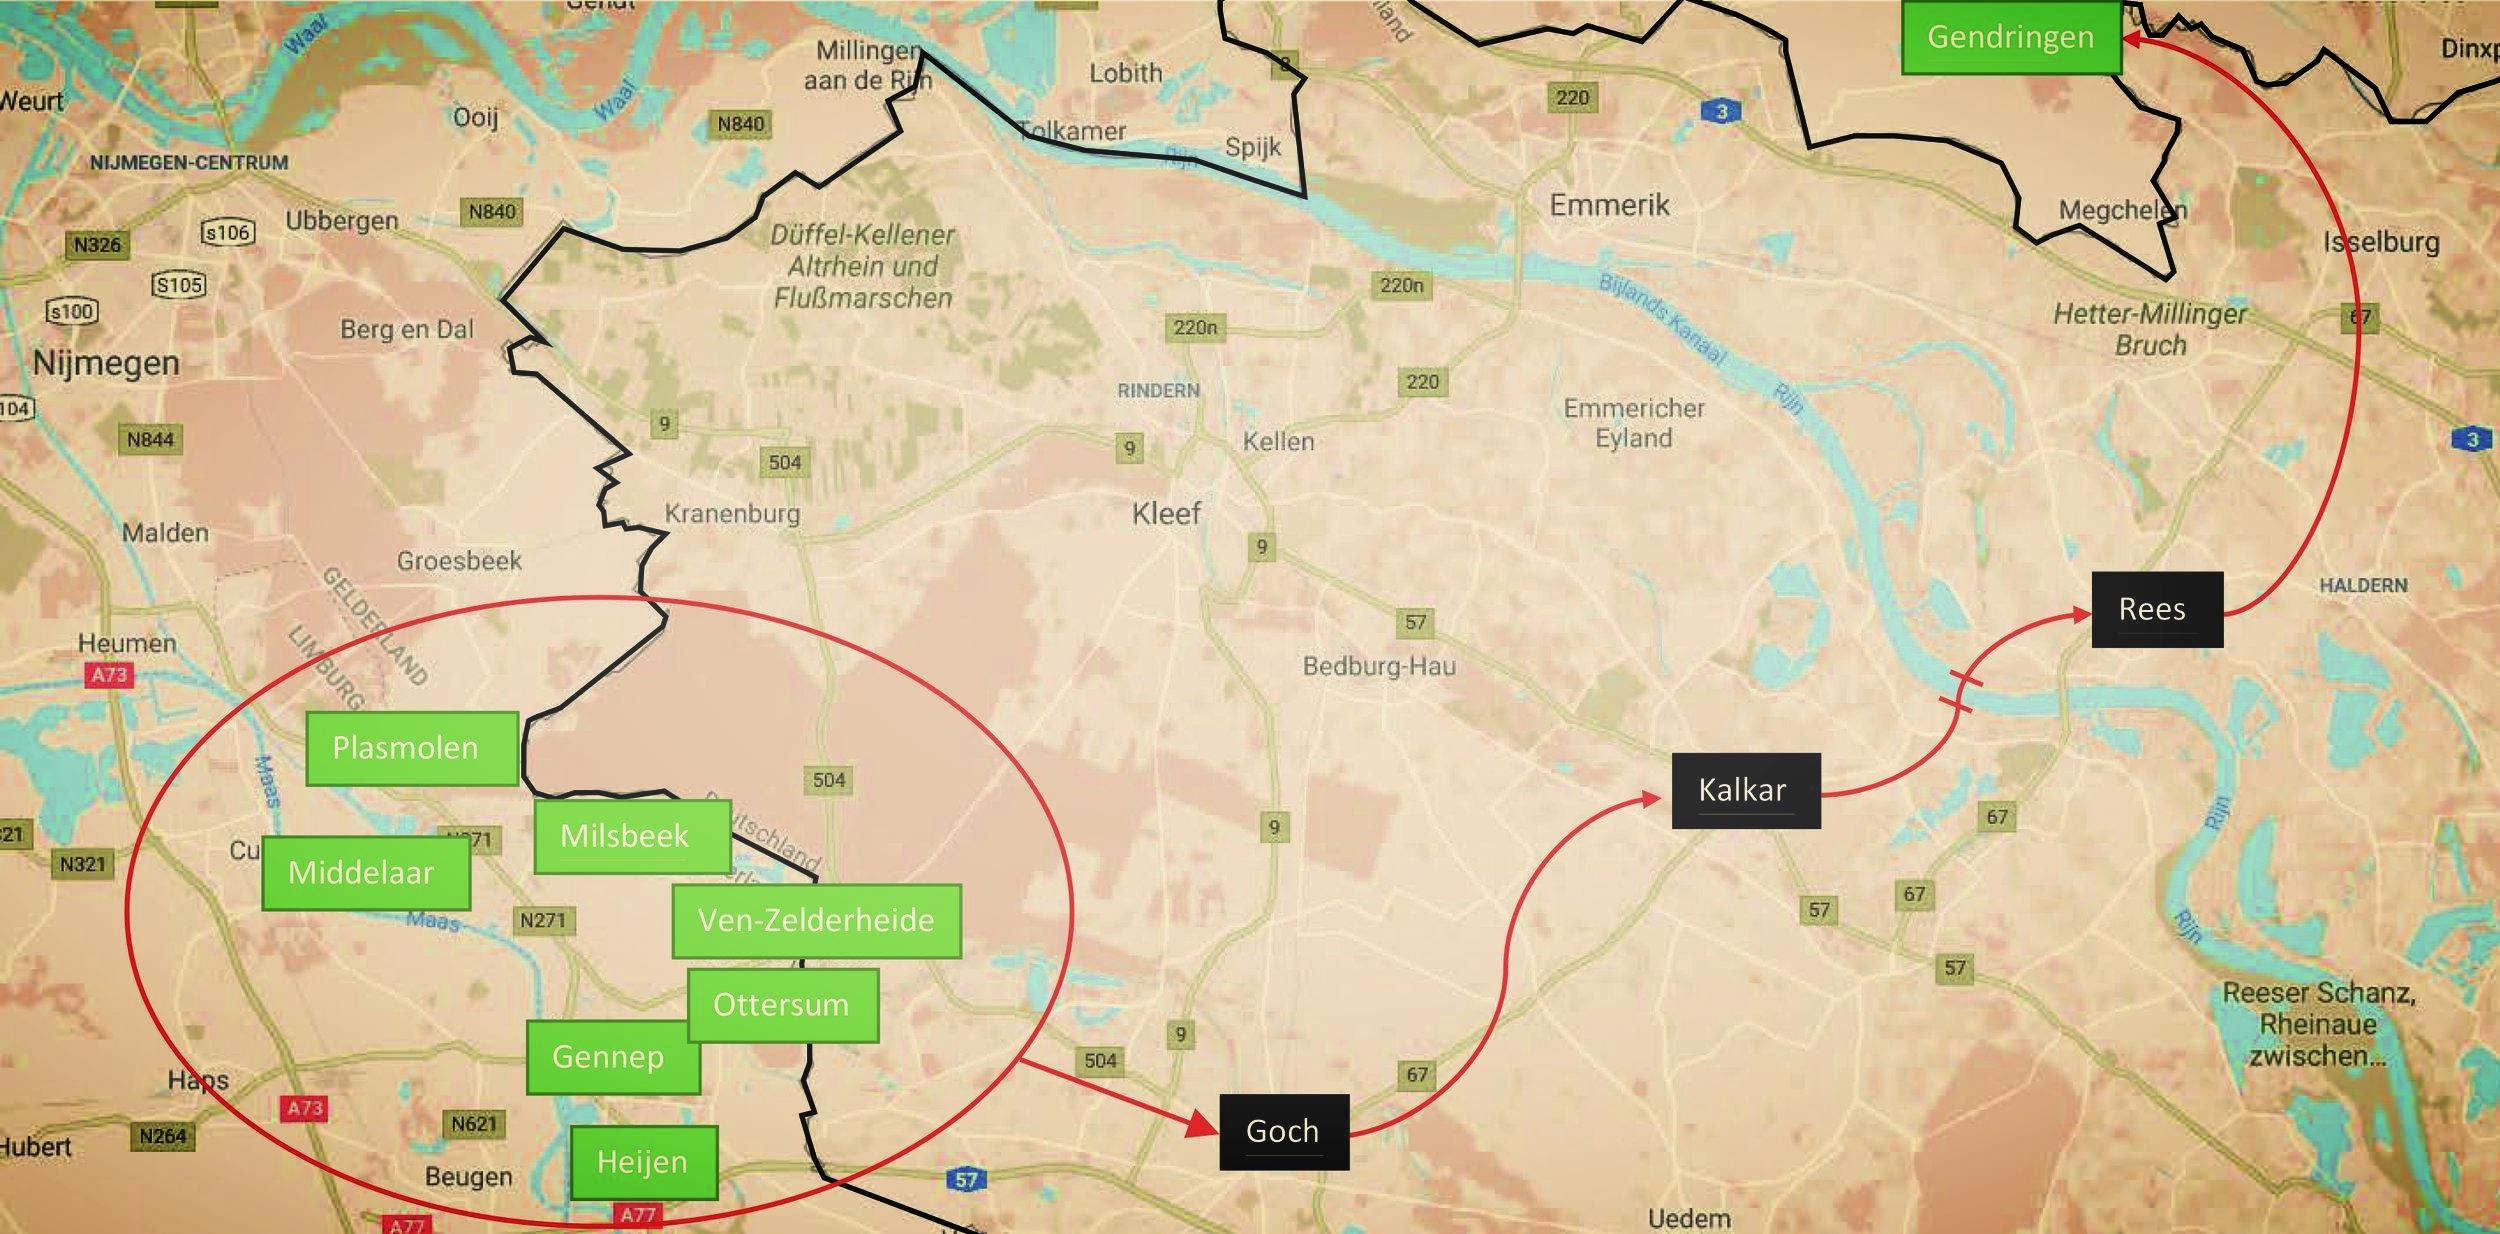 Kaart route.jpg